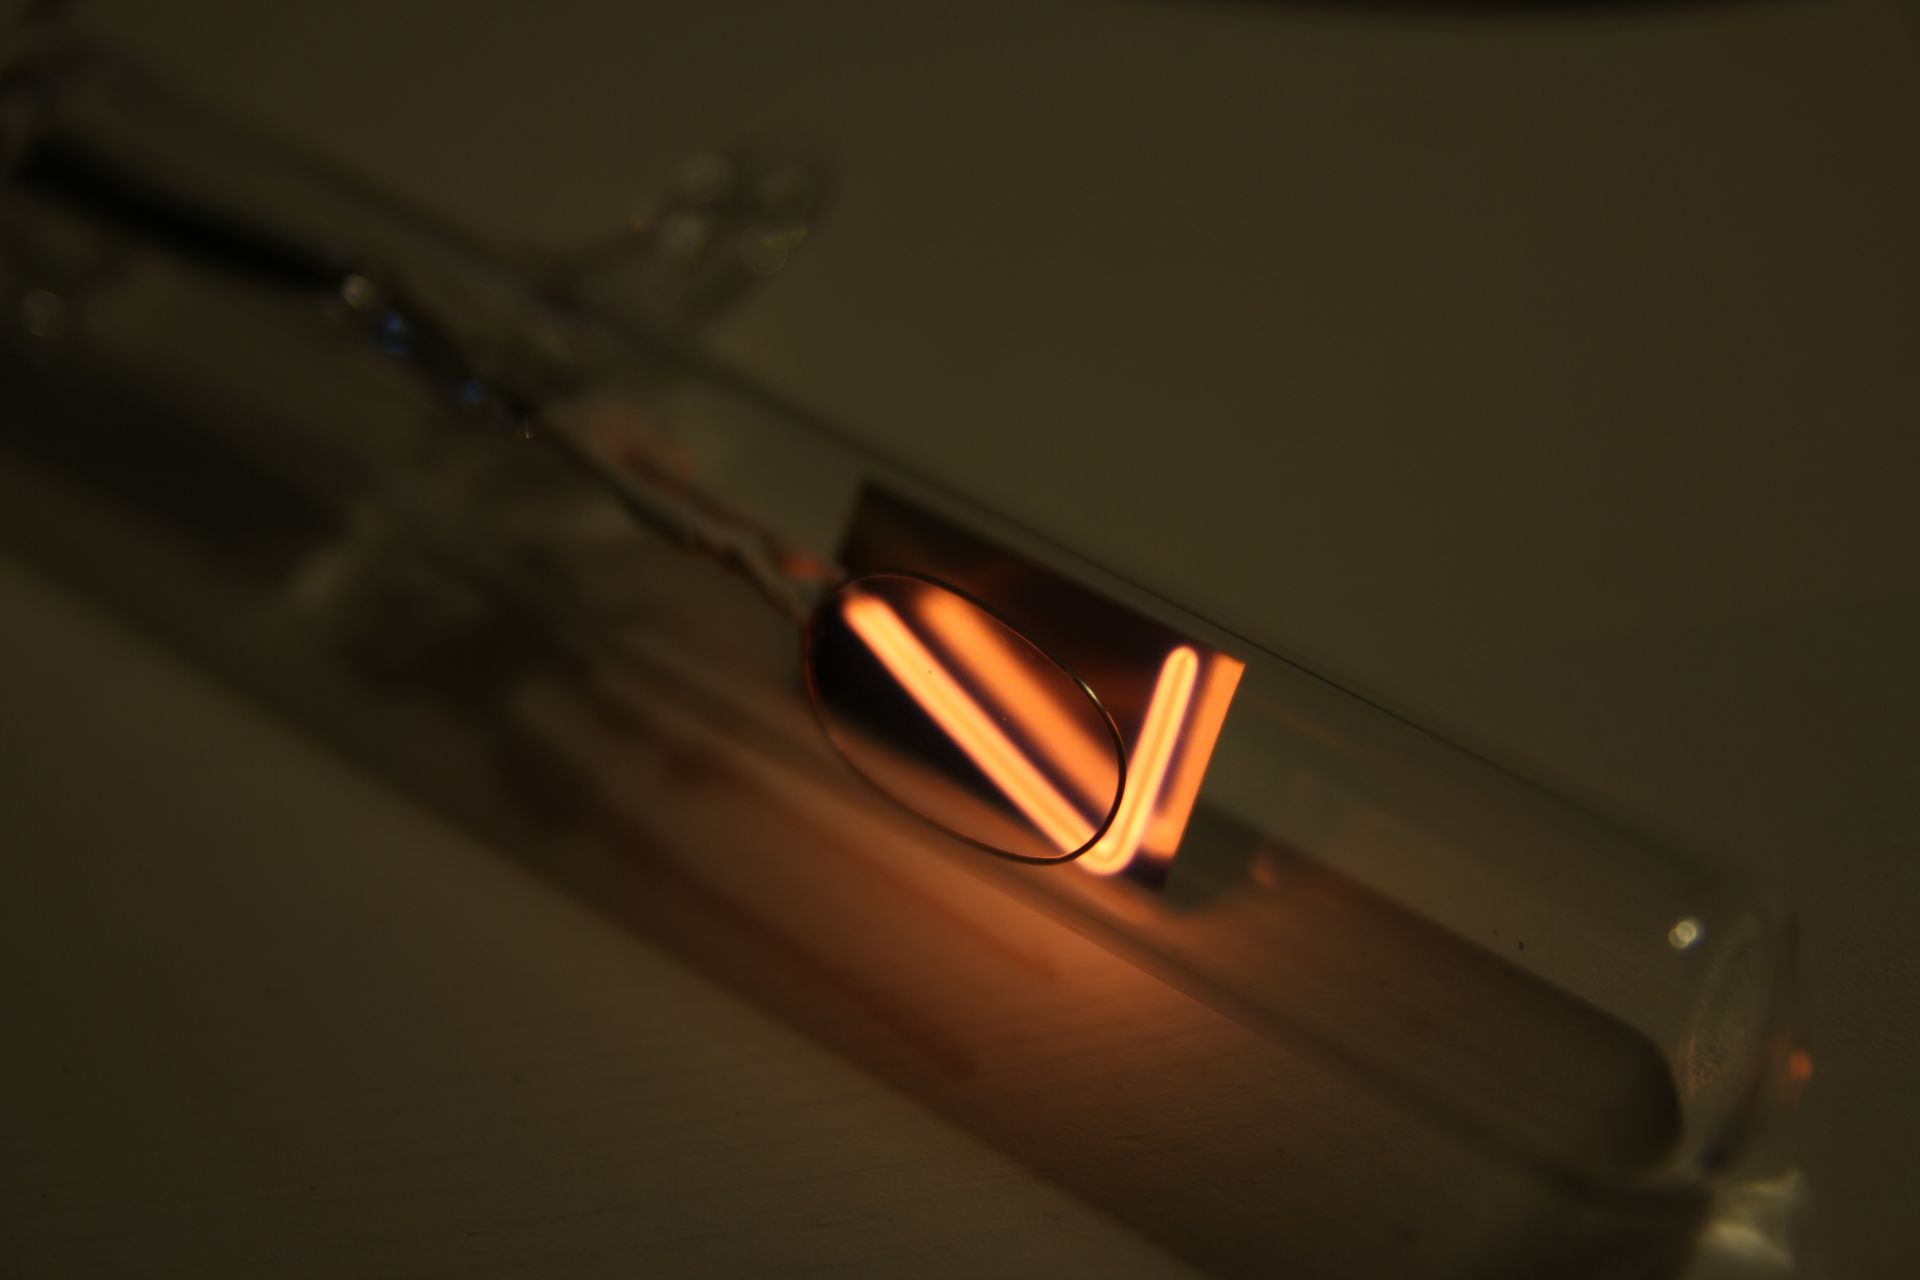 neon glow nixie tube